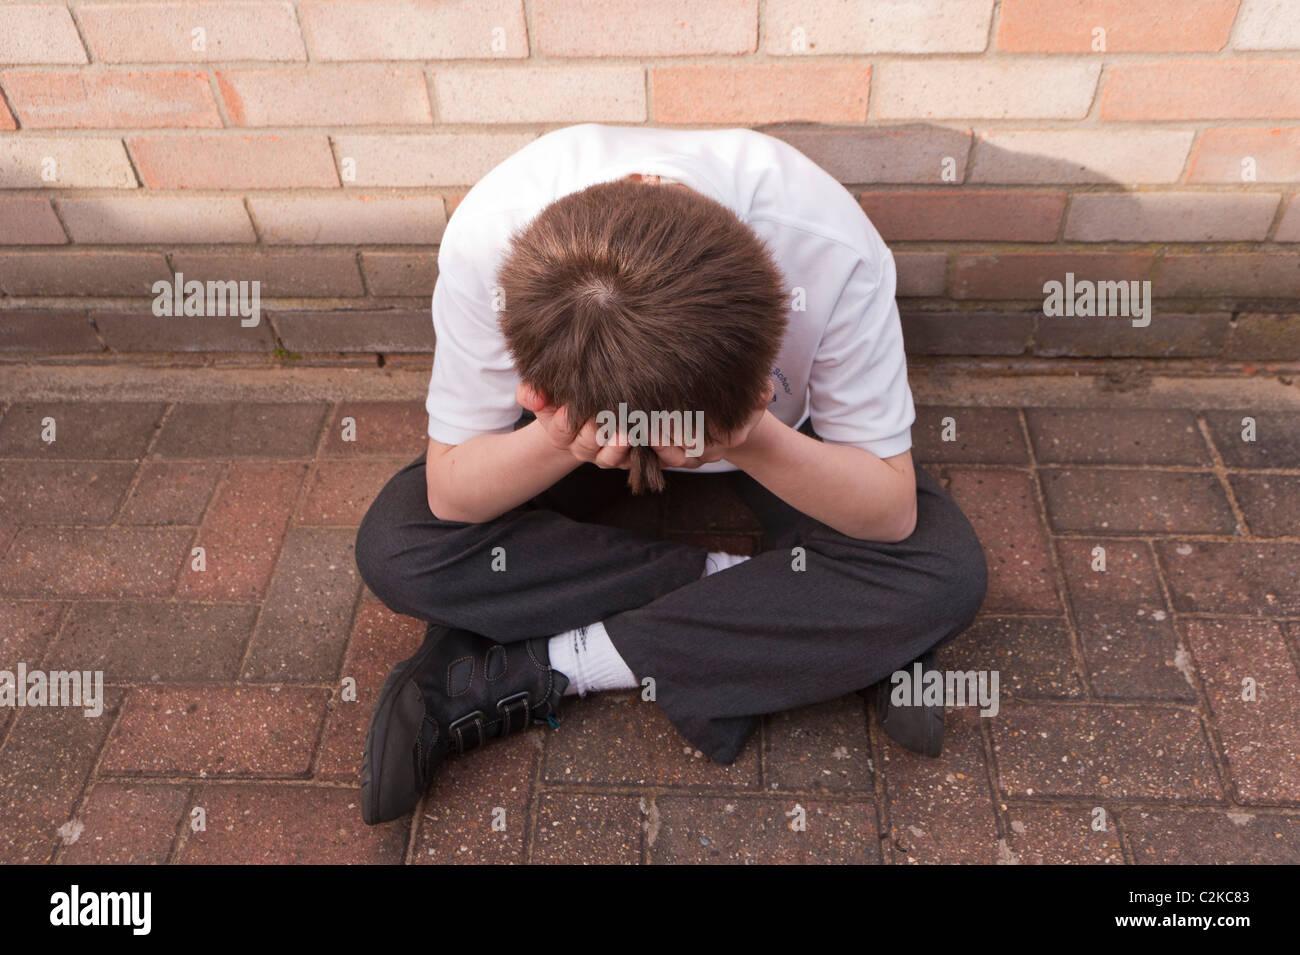 Un modèle photo parution d'un garçon de onze ans à la baisse à l'extérieur portant Photo Stock